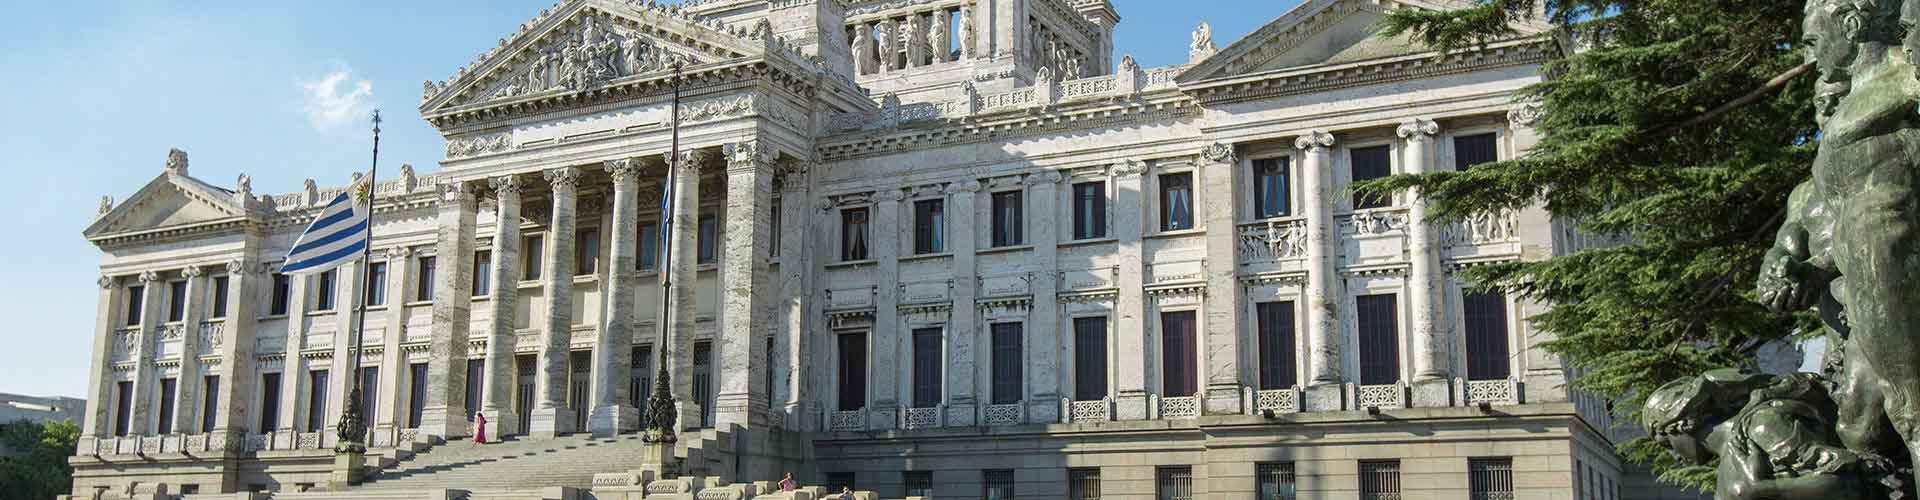 Montevideo - Habitaciones en Montevideo. Mapas de Montevideo, Fotos y comentarios de cada Habitación en Montevideo.